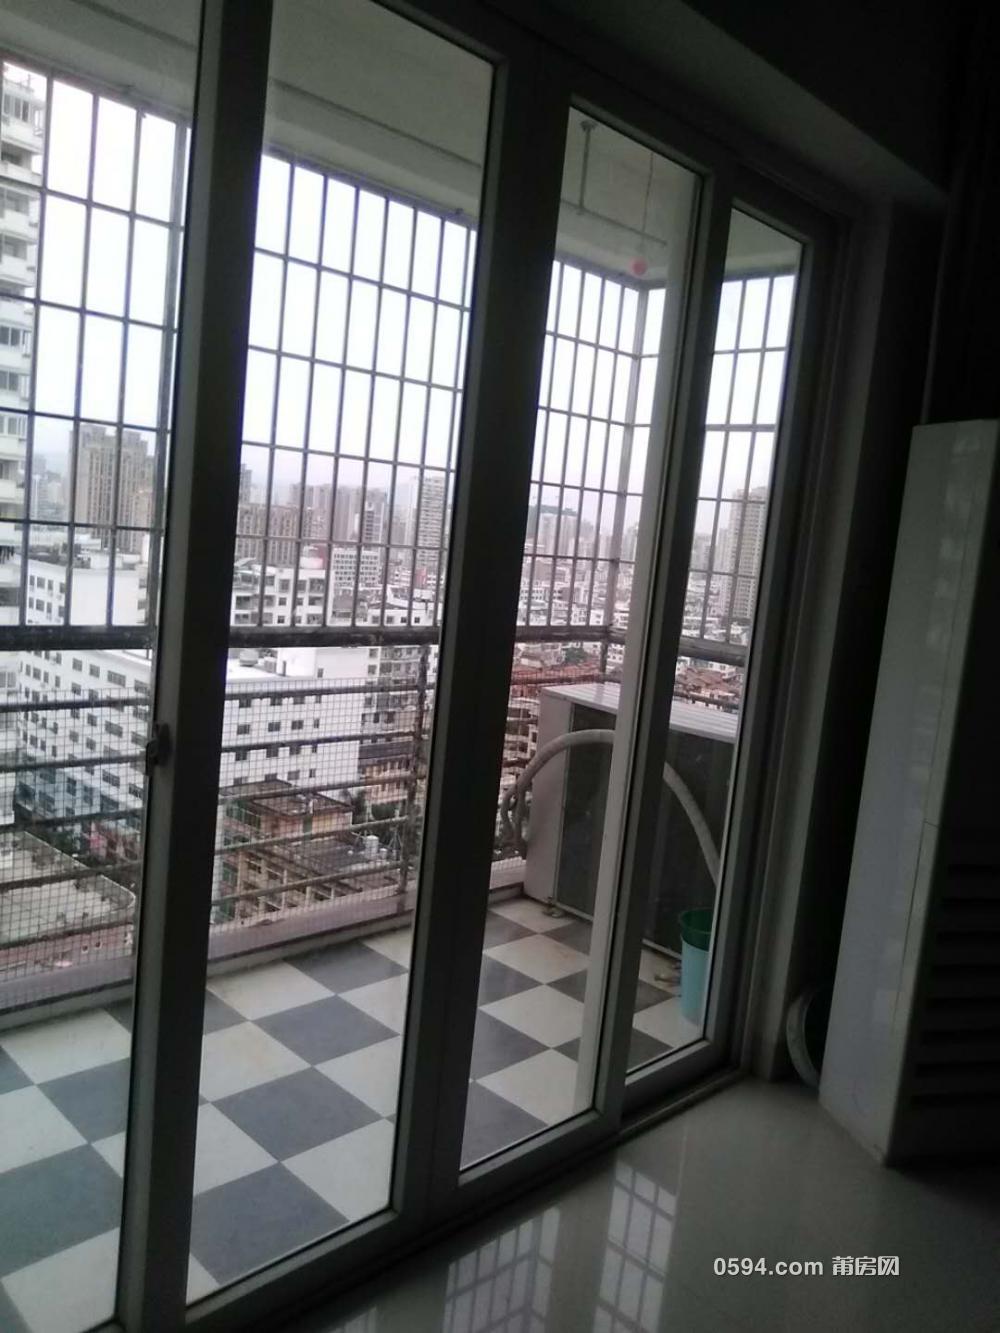 大唐广场 4房2厅2卫 采光 精装修只要3300 可直接拎包入住-